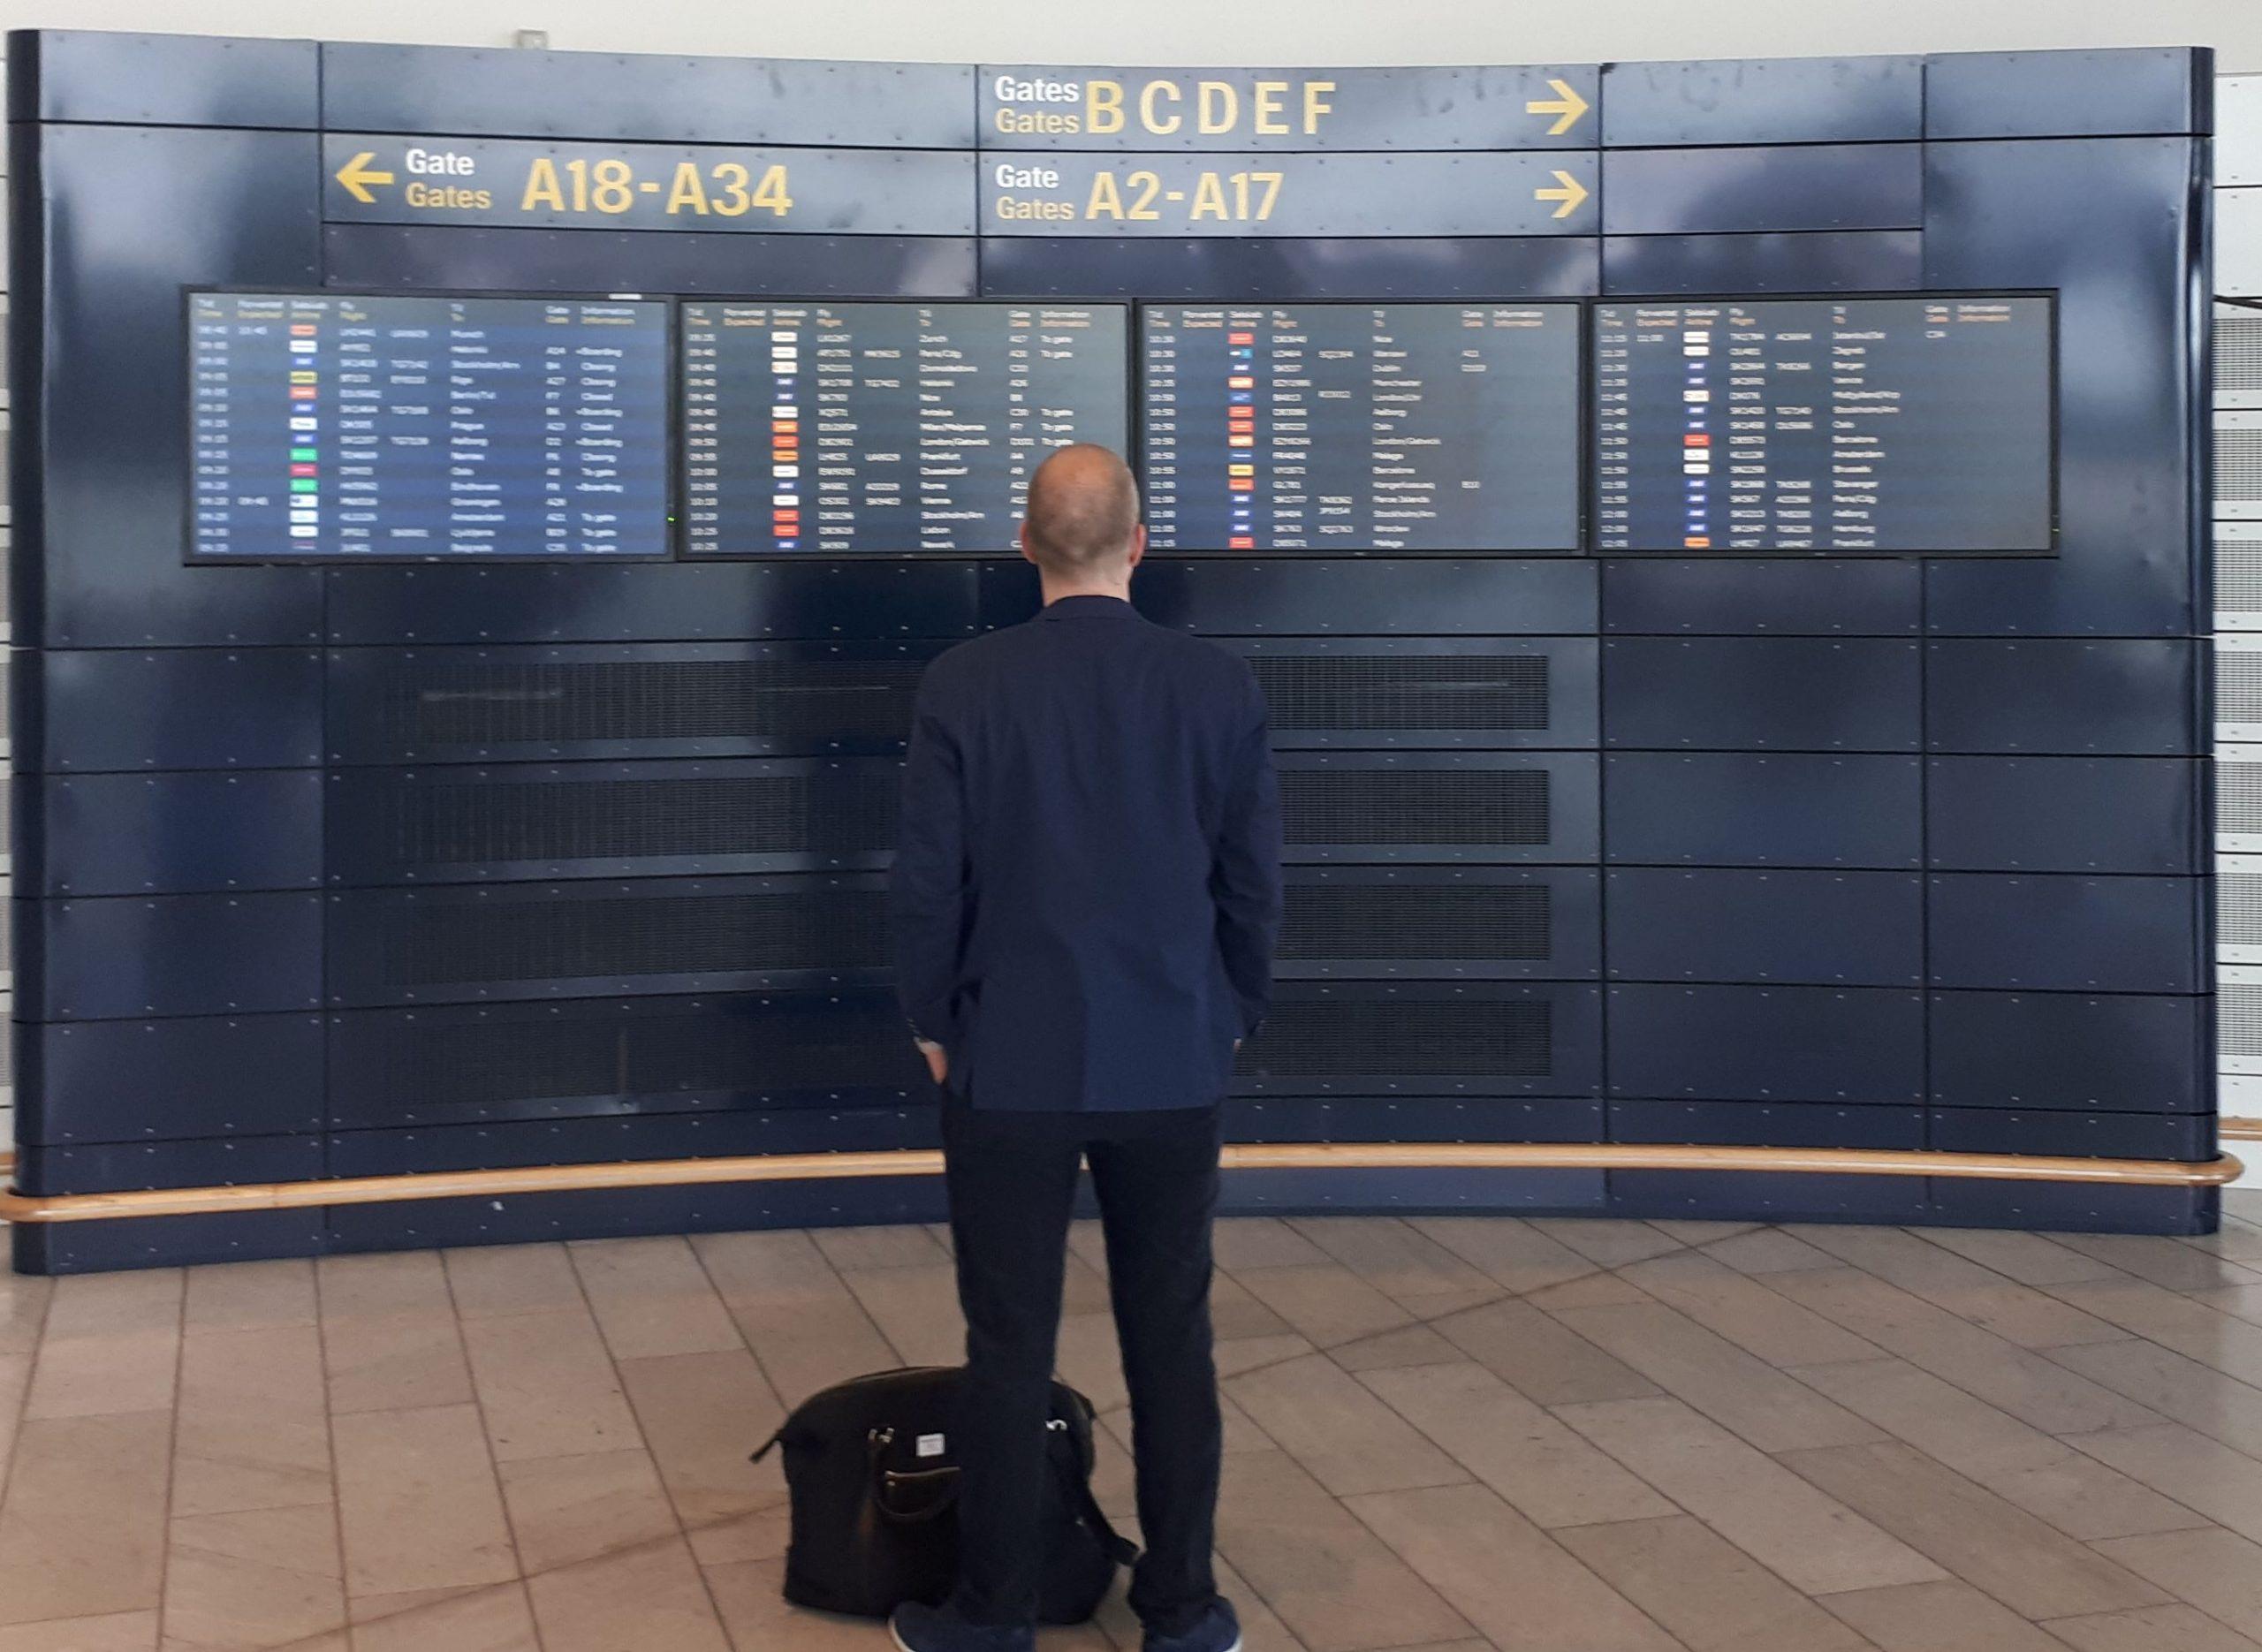 Som andre erhvervsrejsebureauer har også den hollandske gigant BCD Travel mistet megen omsætning under coronakrisen, hvor antallet af solgte forretningsrejser nærmest er gået i stå. Firmaets ejer forventer dog, at koncernen igen giver overskud i 2022. Arkivfoto: Henrik Baumgarten.